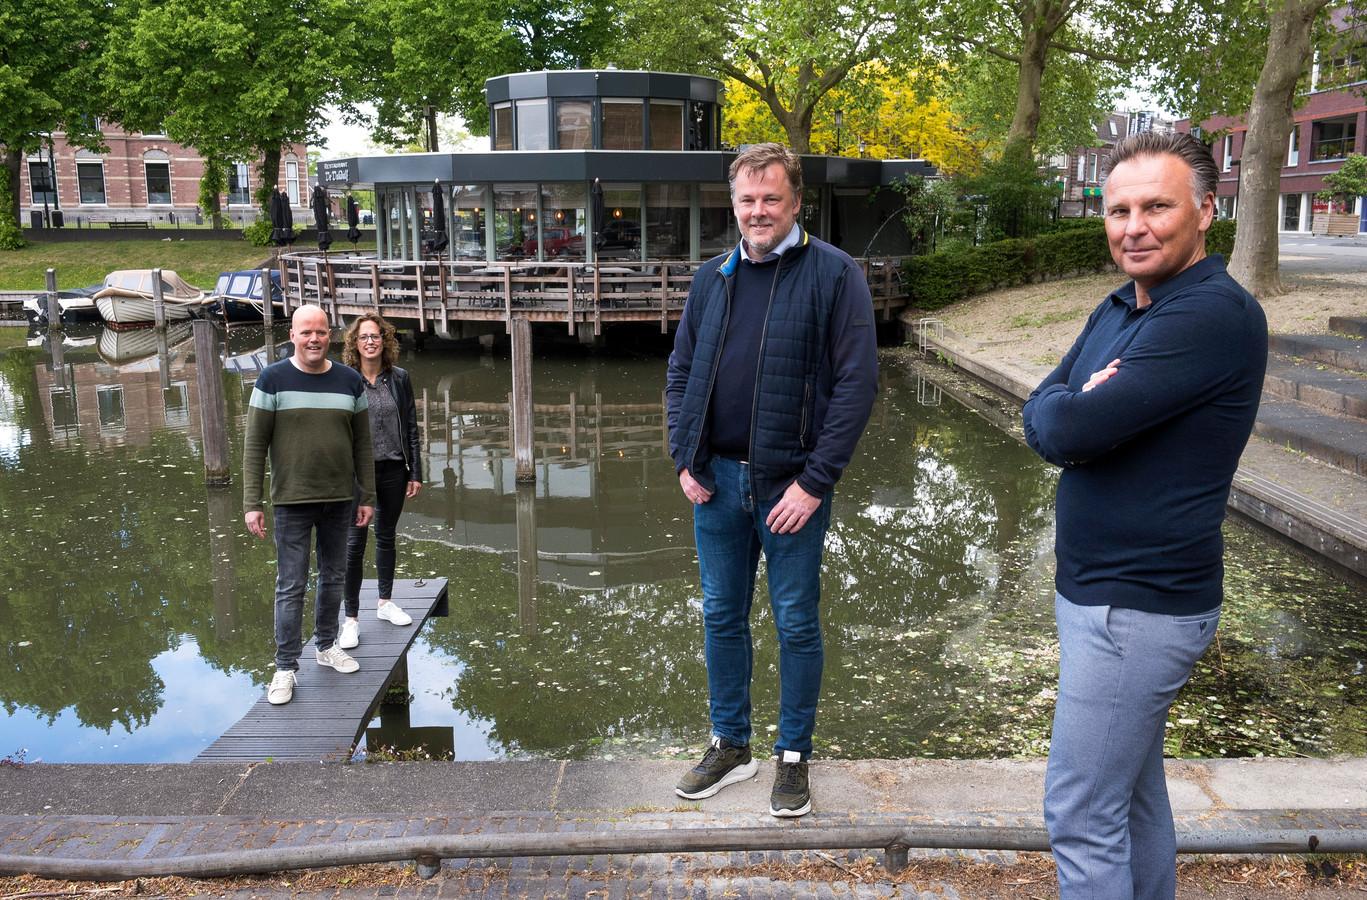 Raymond van 't Hoofd en Wendy van Agthoven (links) verkopen hun restaurant De Dukdalf aan de haven in Woerden aan kroegbaas Pike Uittenbogaard en zijn zwager Guido Jansen (rechts).